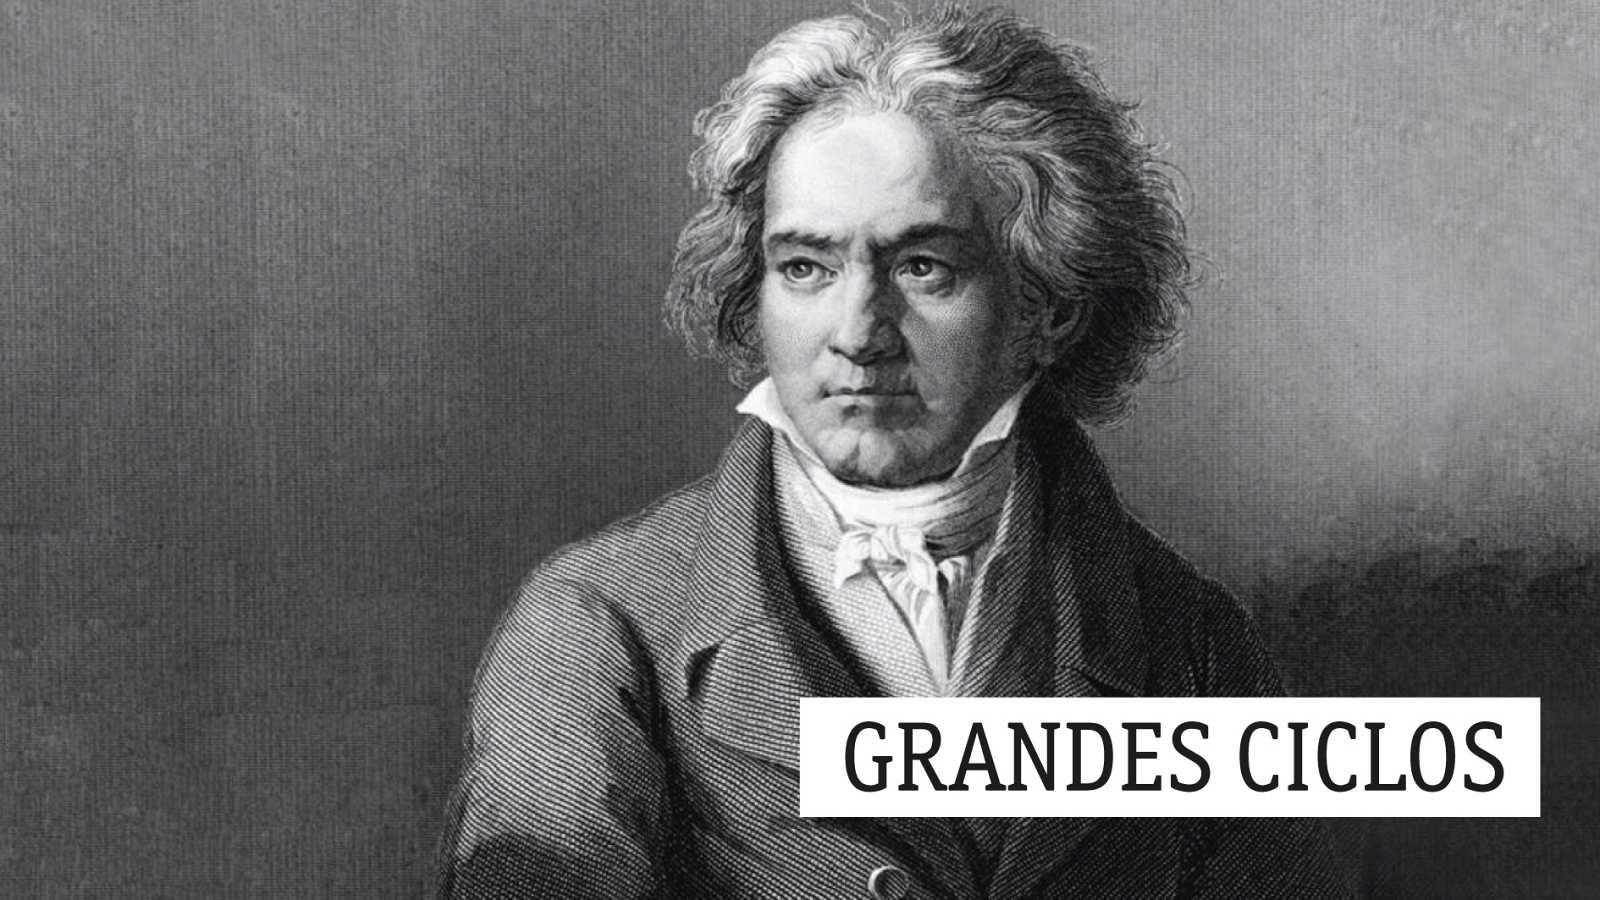 Grandes ciclos - L. van Beethoven (CXXXIII): A. W. Thayer: Un acto de amor - 18/12/20 - escuchar ahora